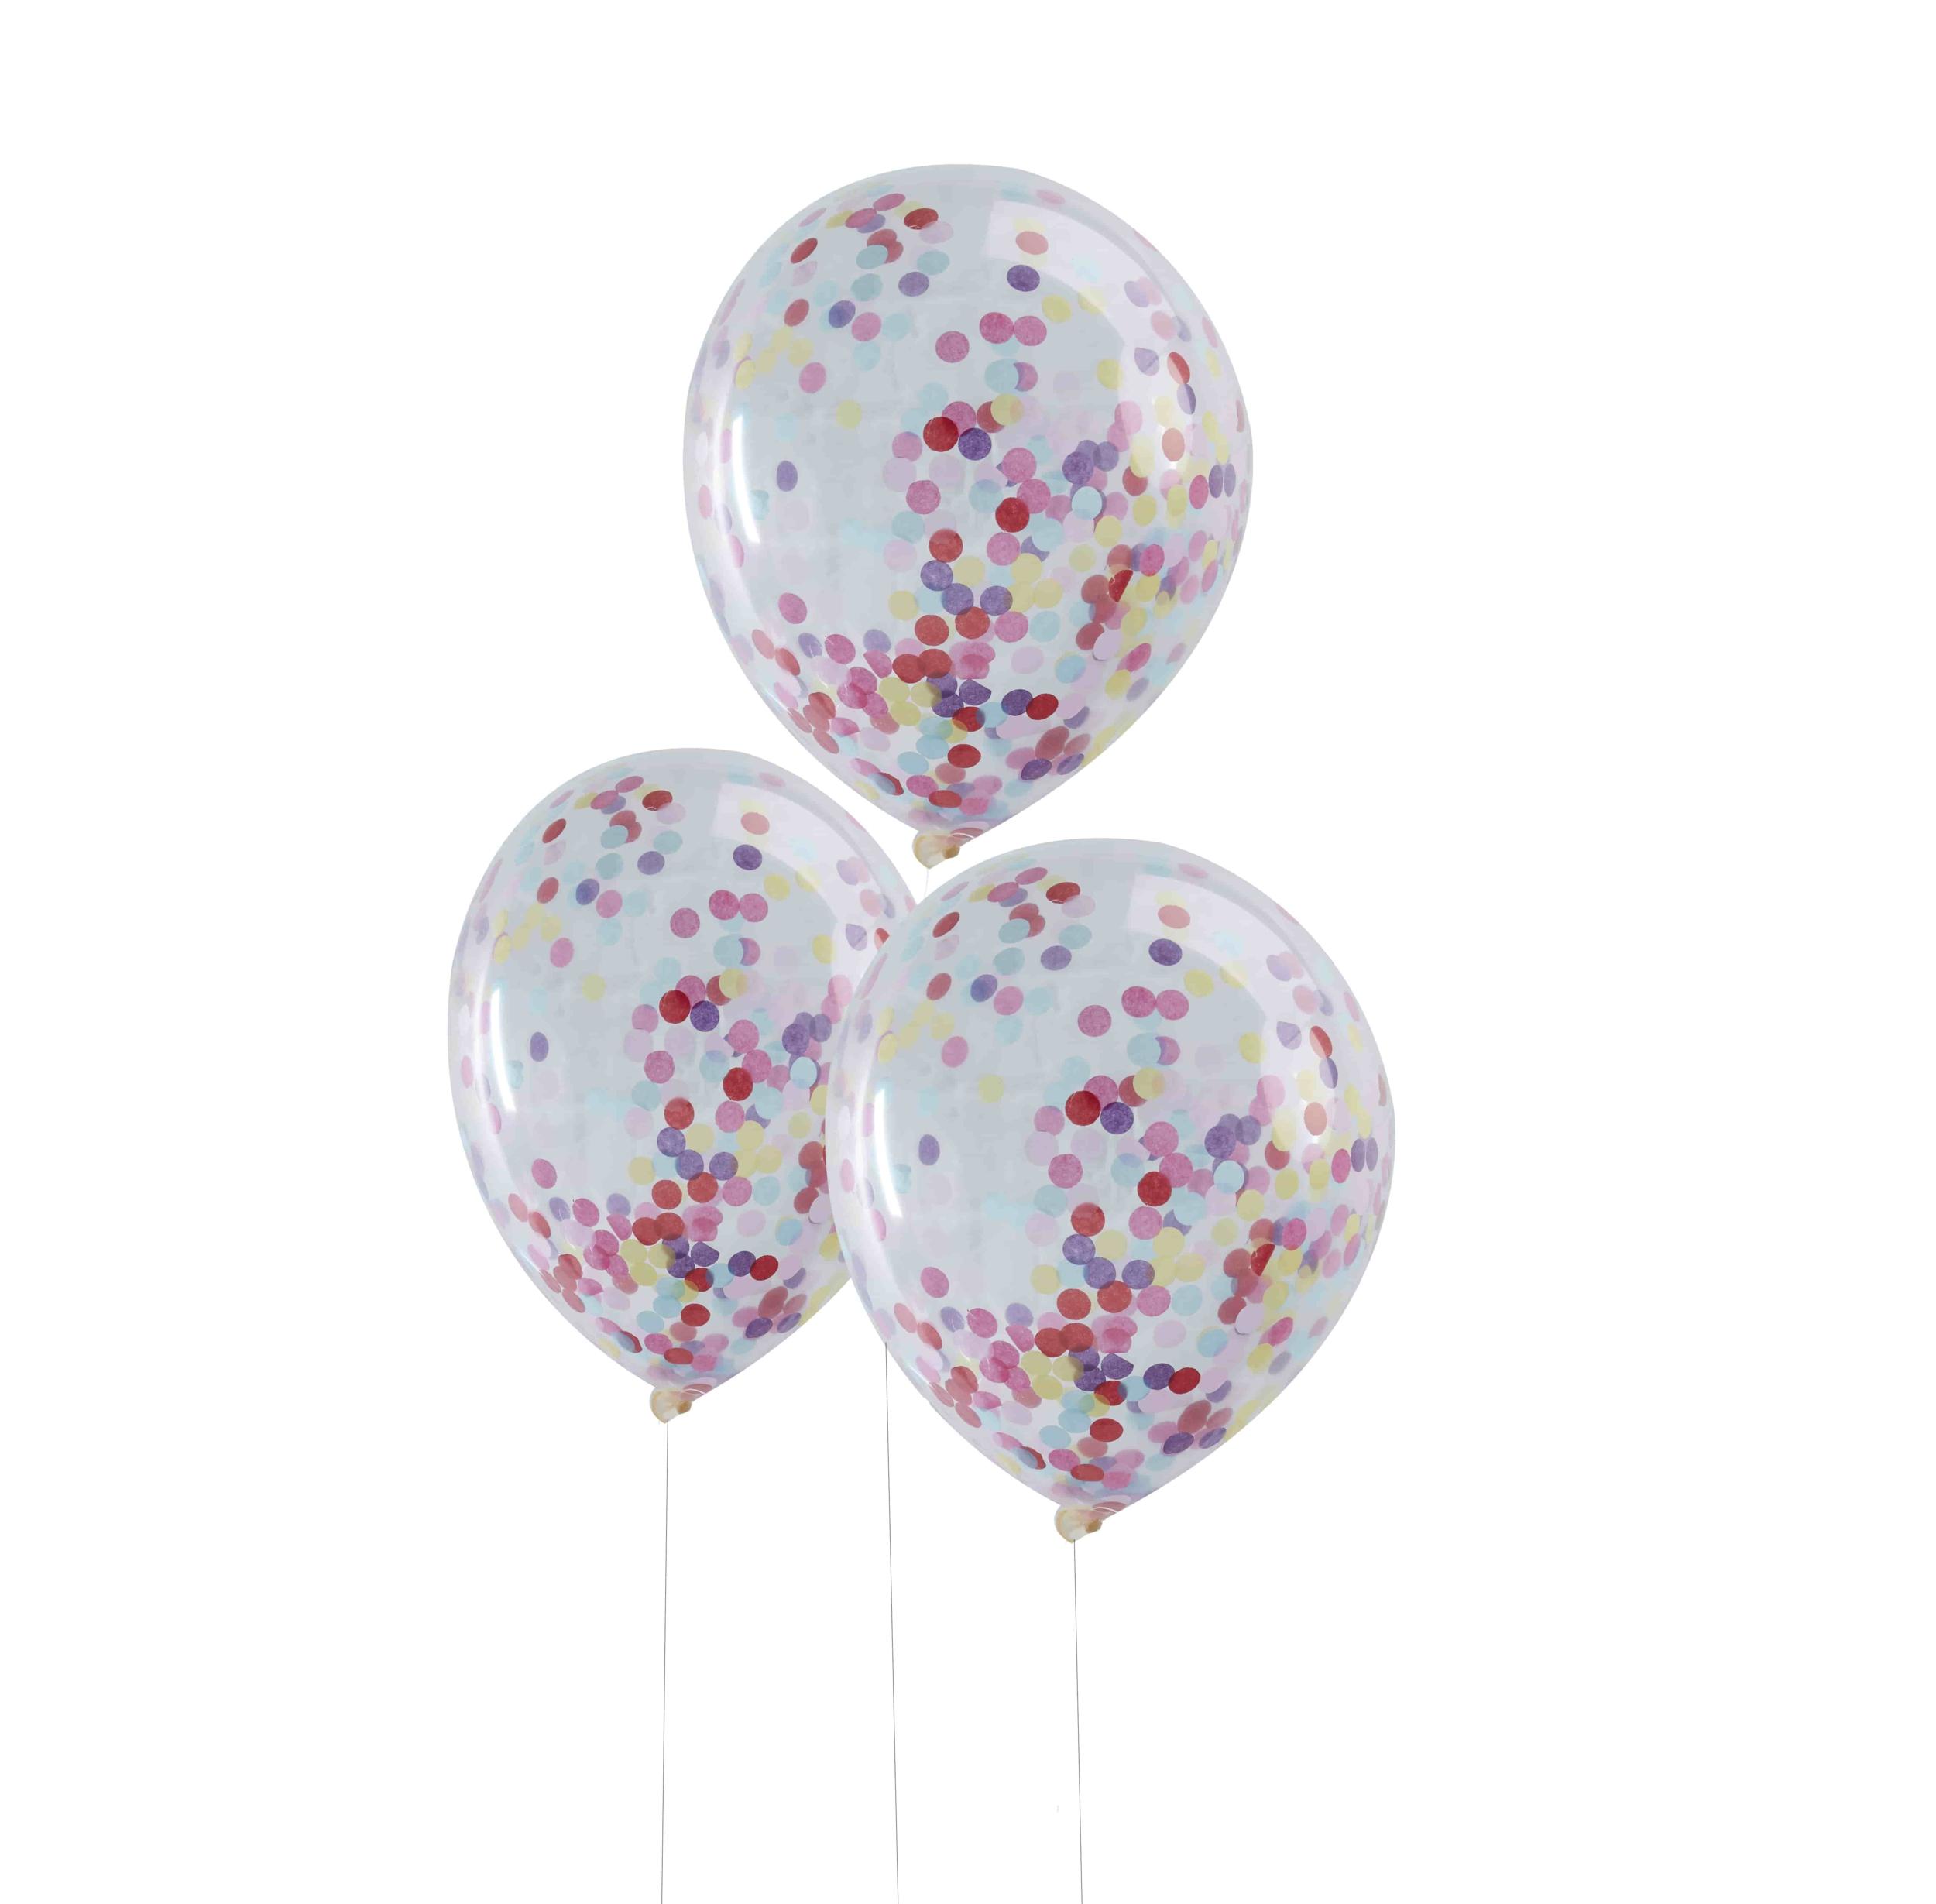 5 ballons confettis multicolores